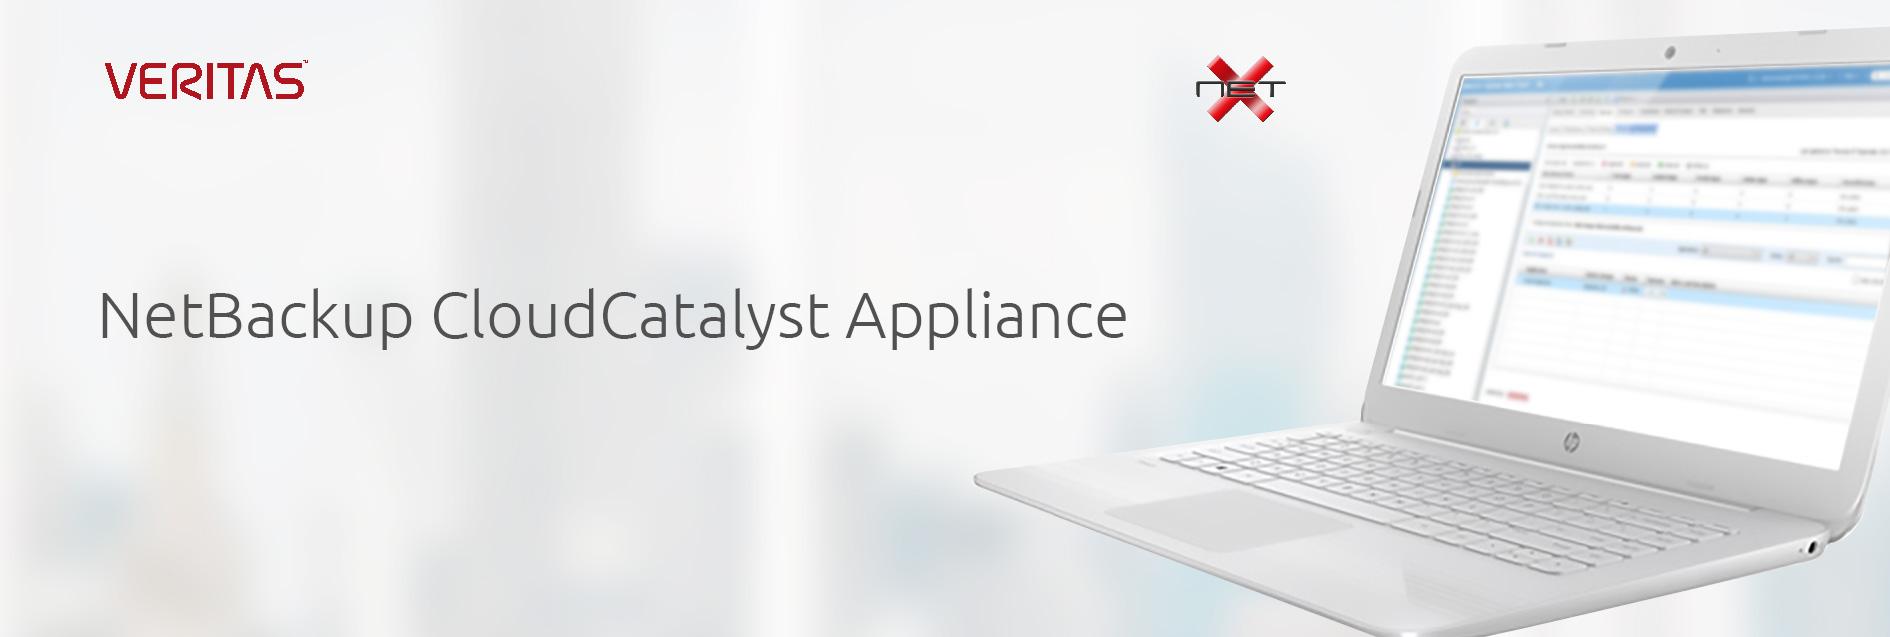 netx-veritas-cloud-catalyst-banner